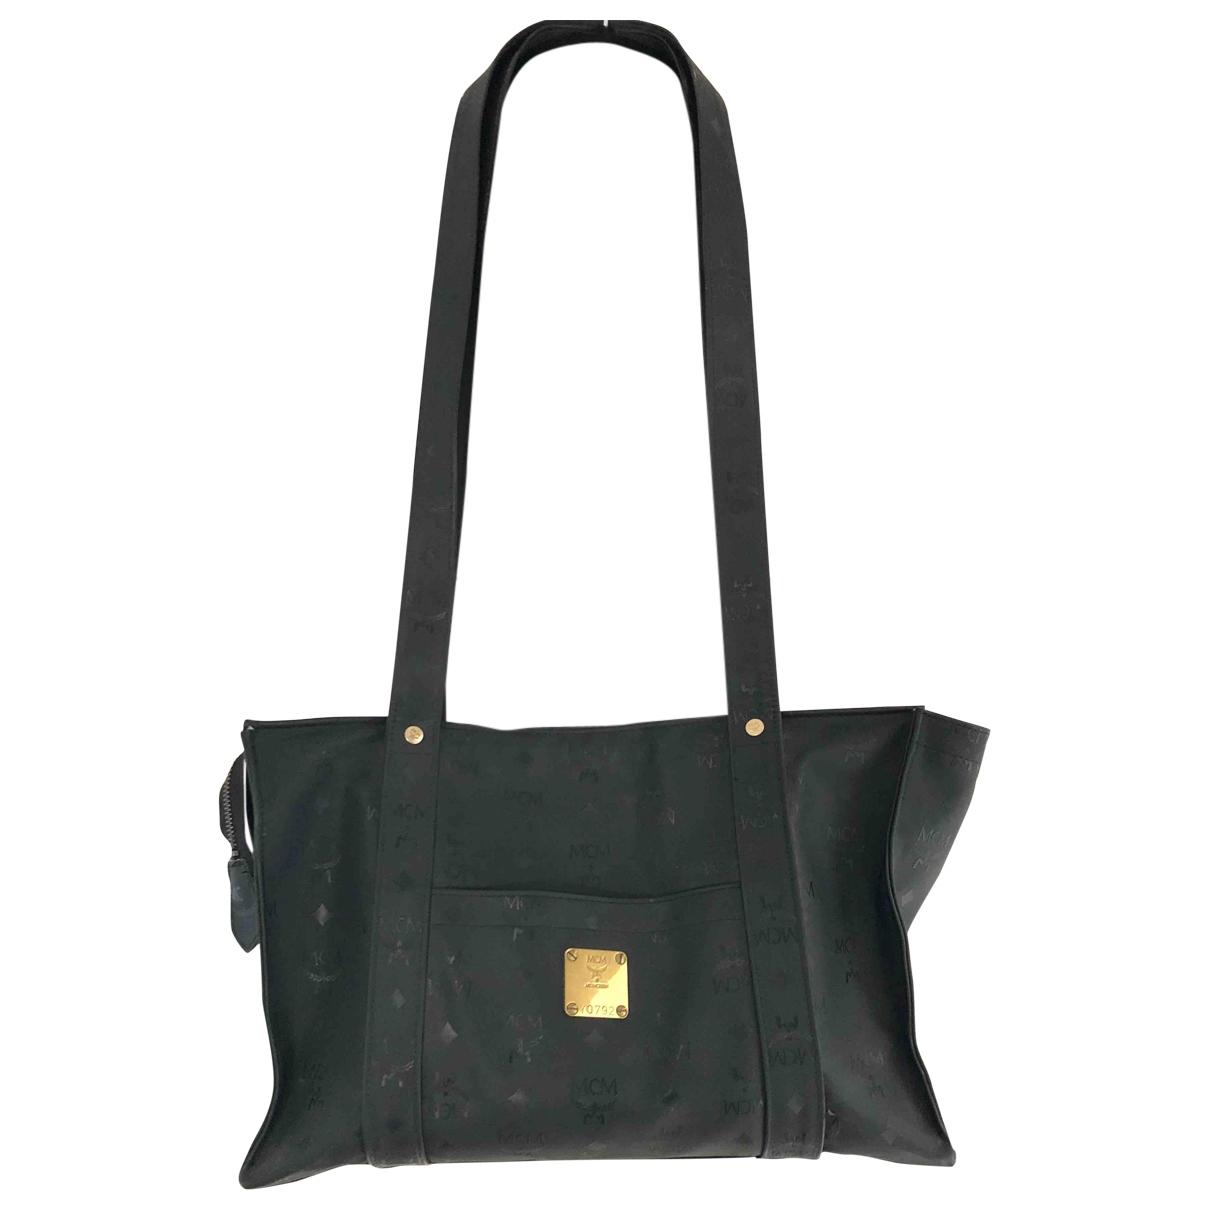 Mcm \N Handtasche in  Schwarz Leinen